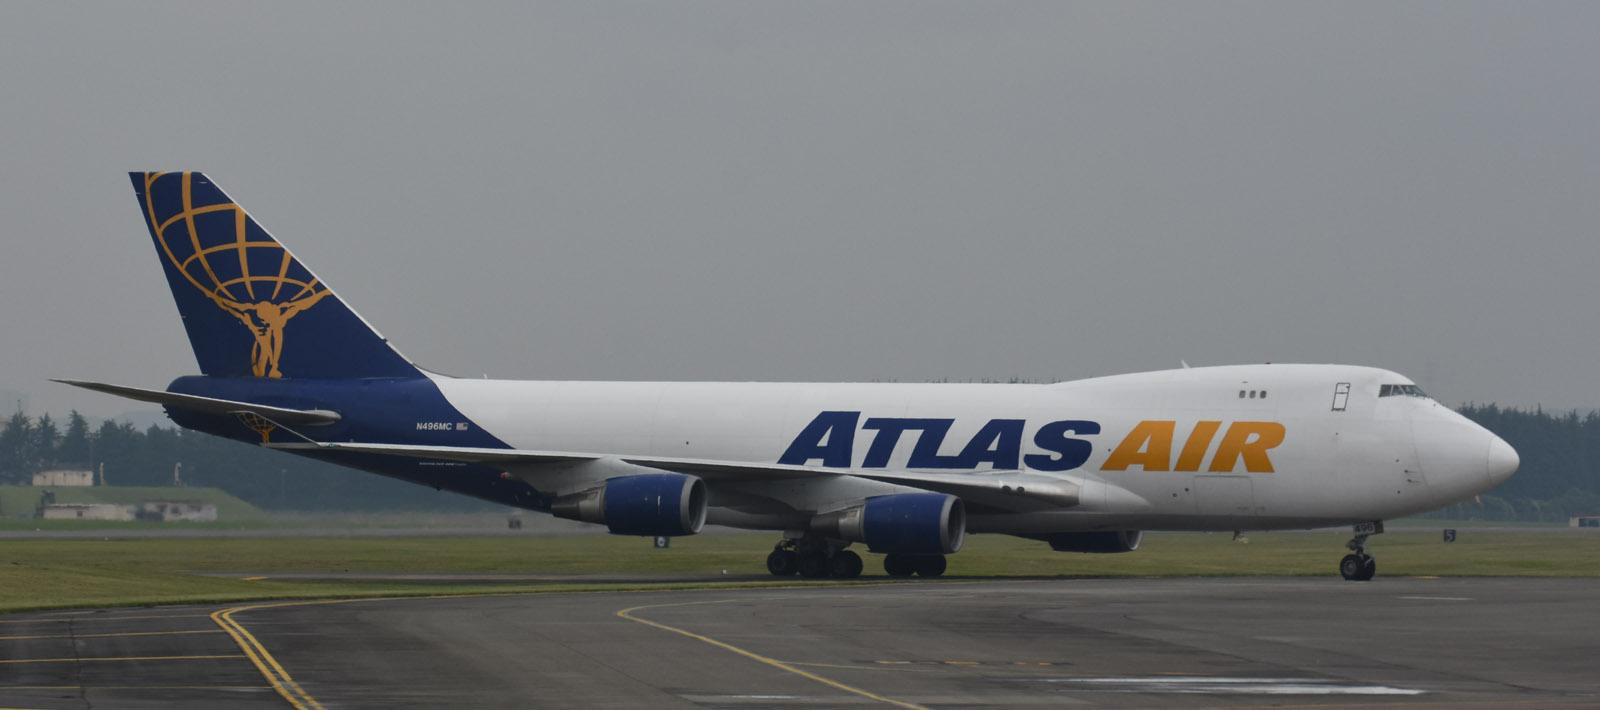 Atlas170628g944